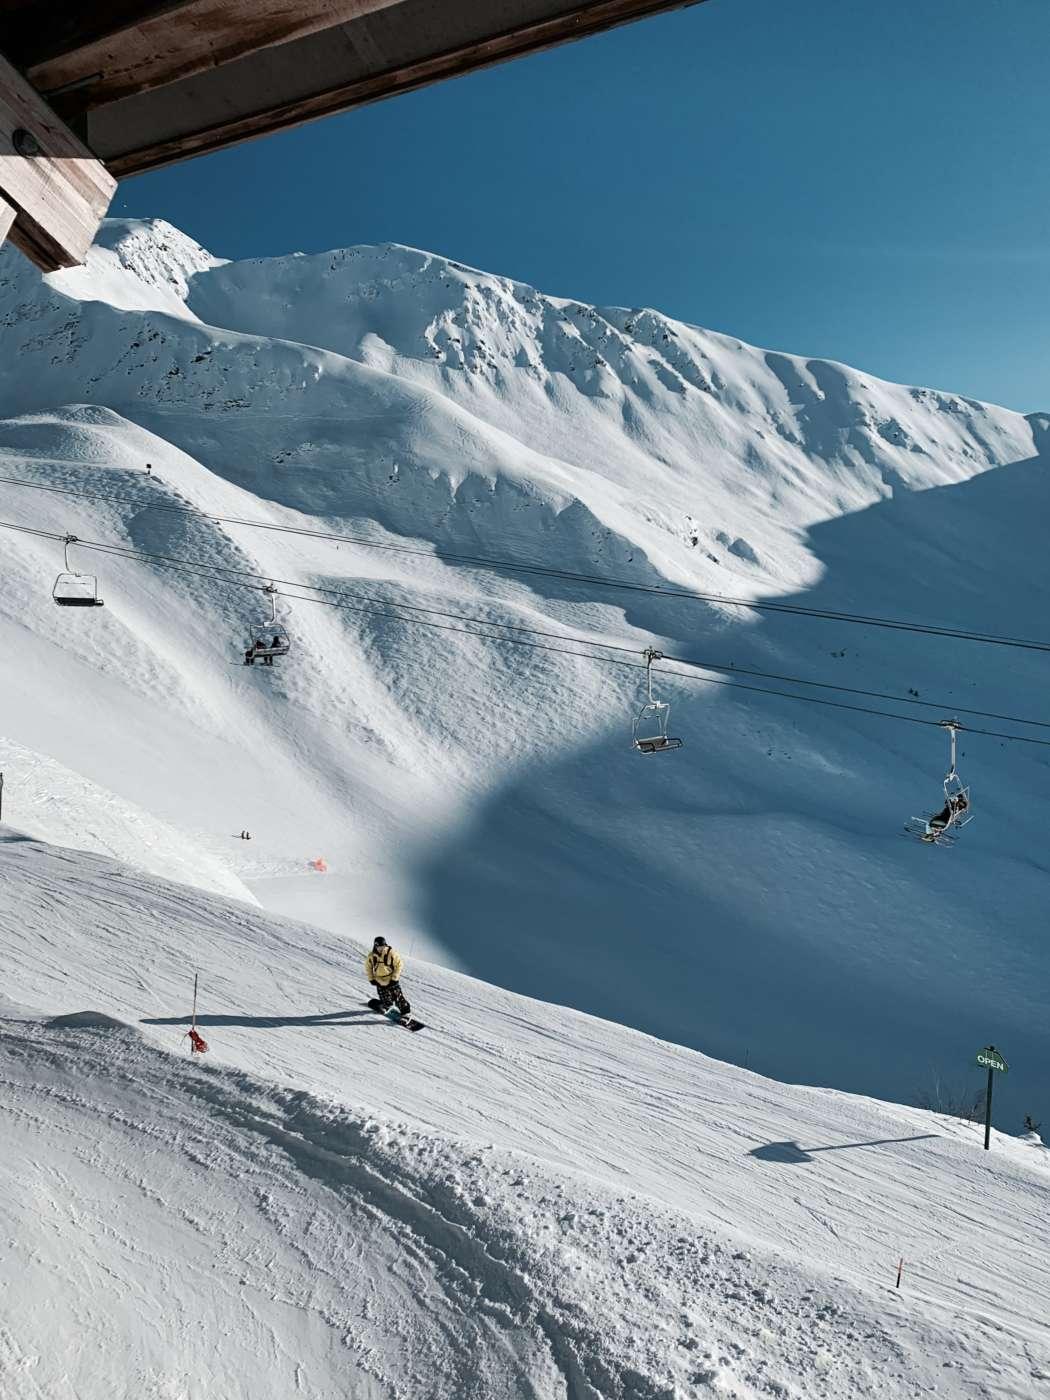 alyeka ski resort